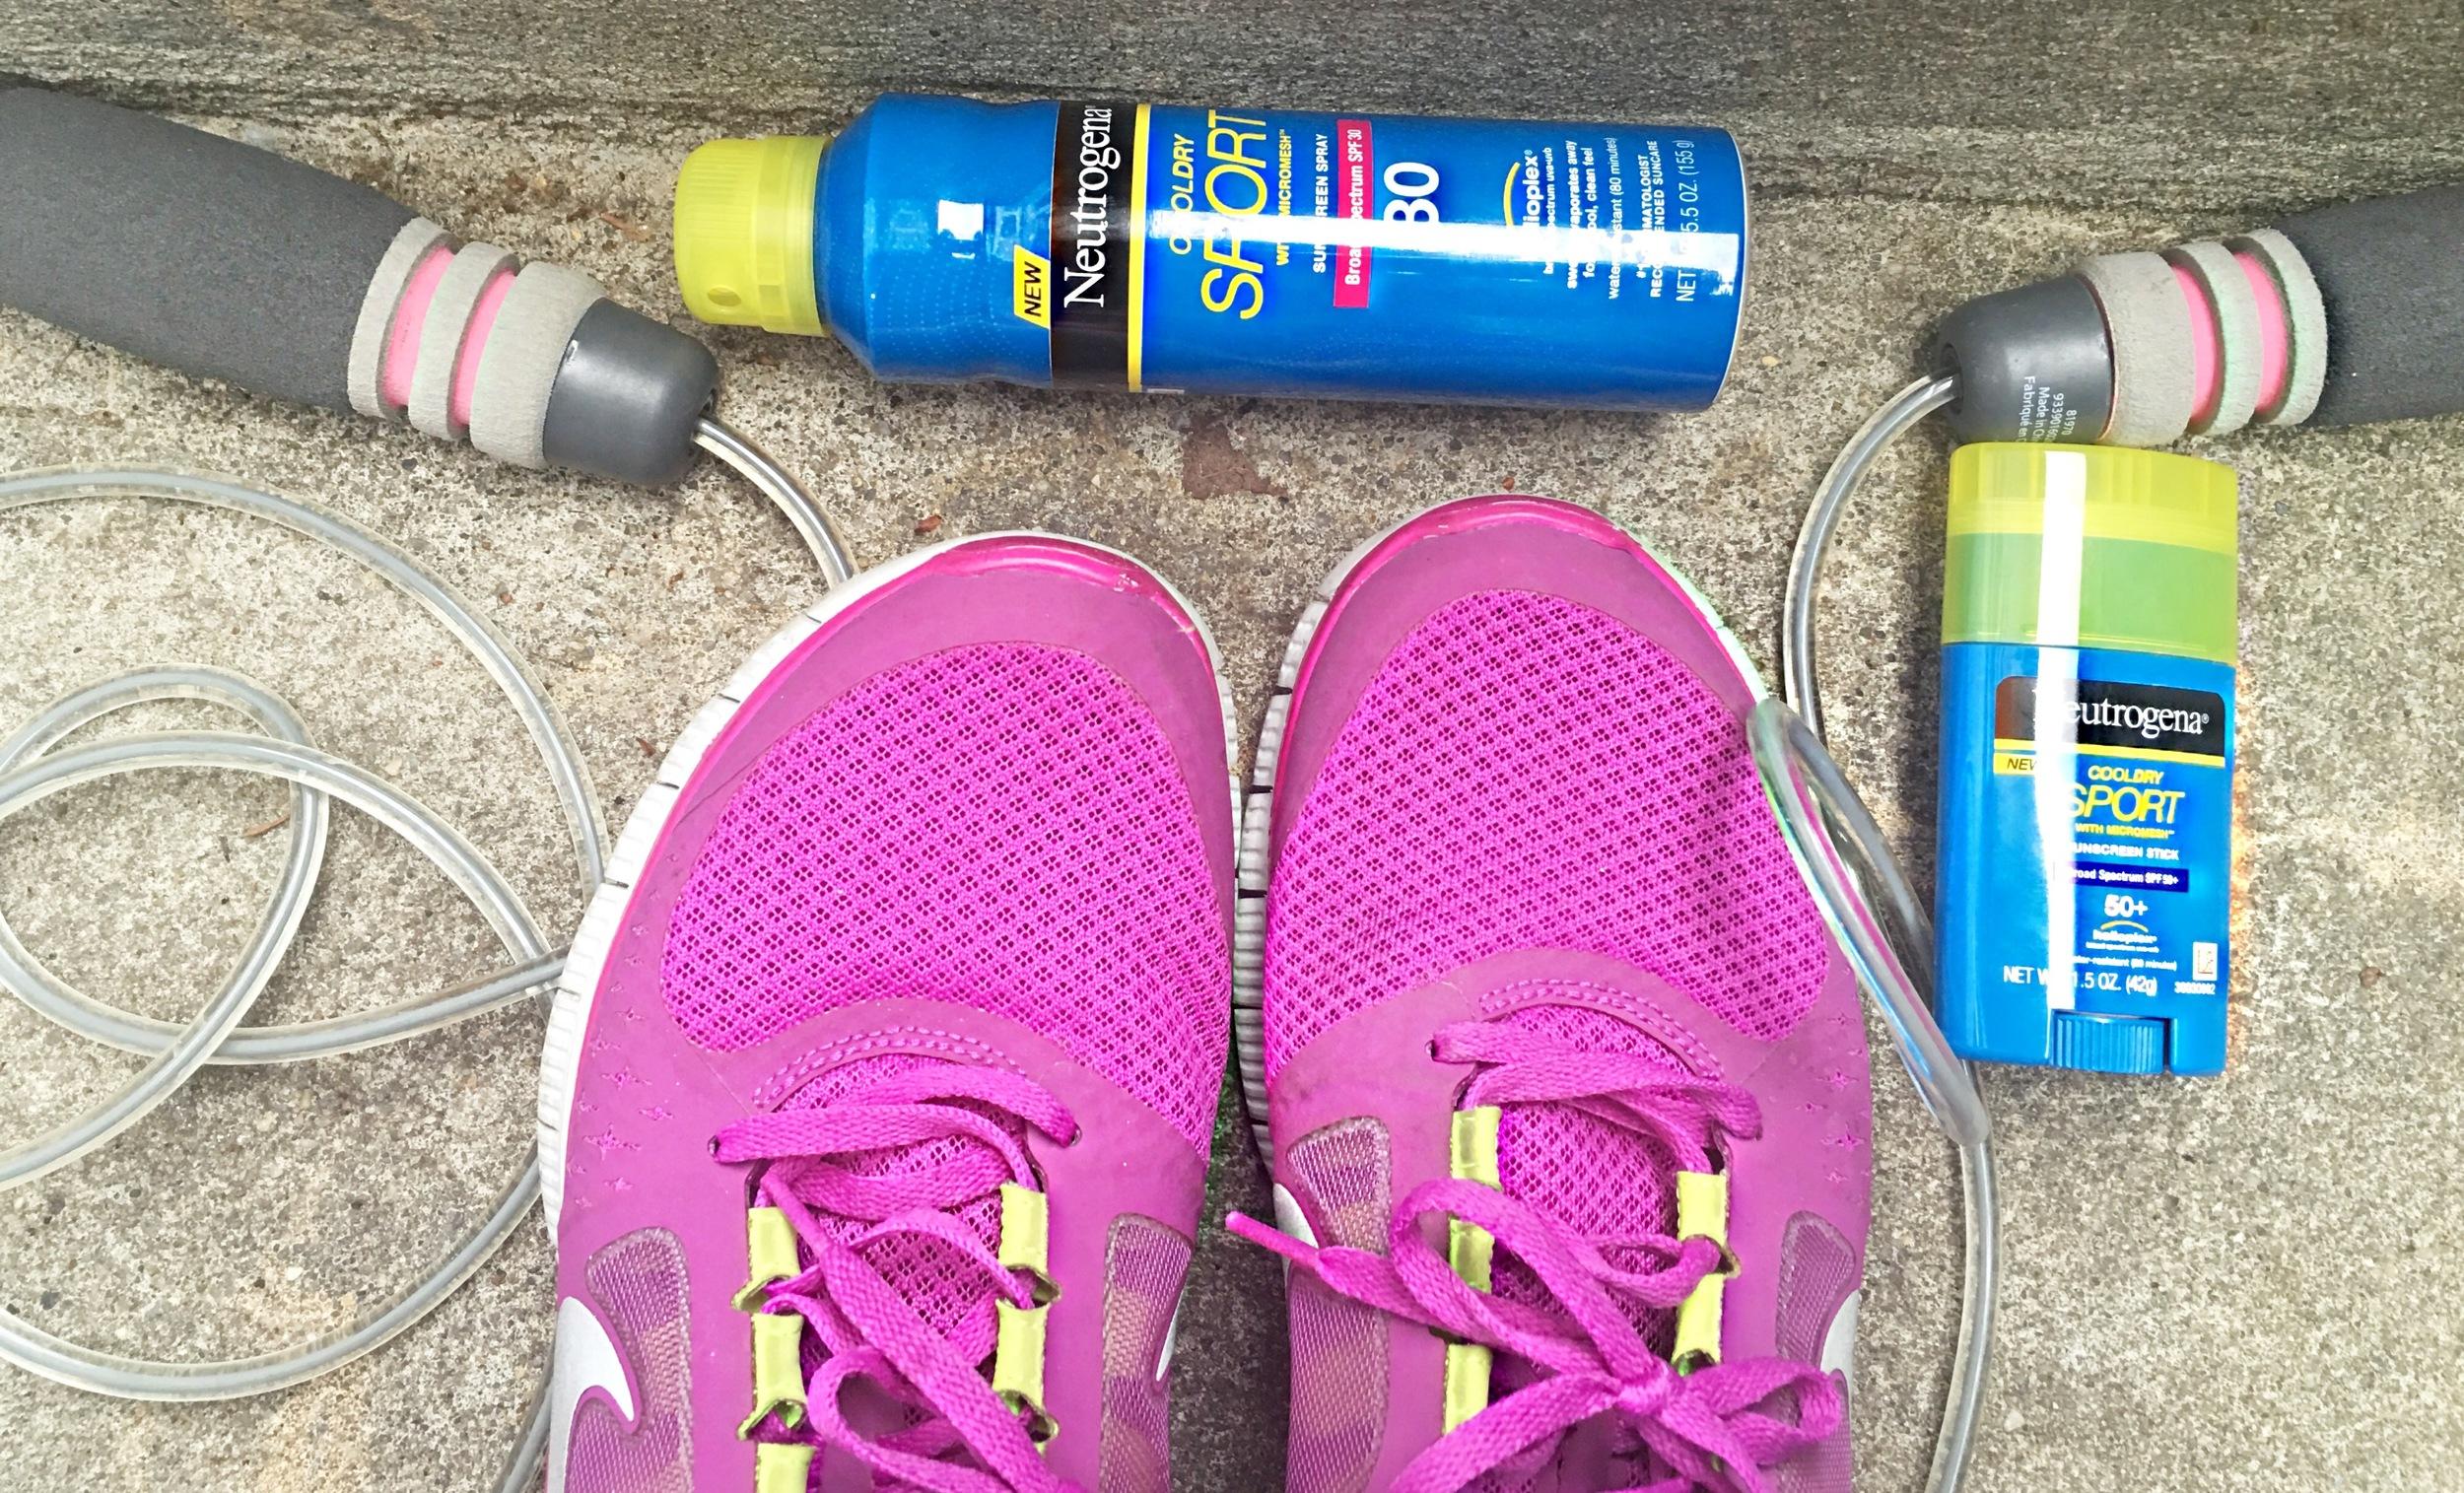 Protegida mientras hago ejercicio